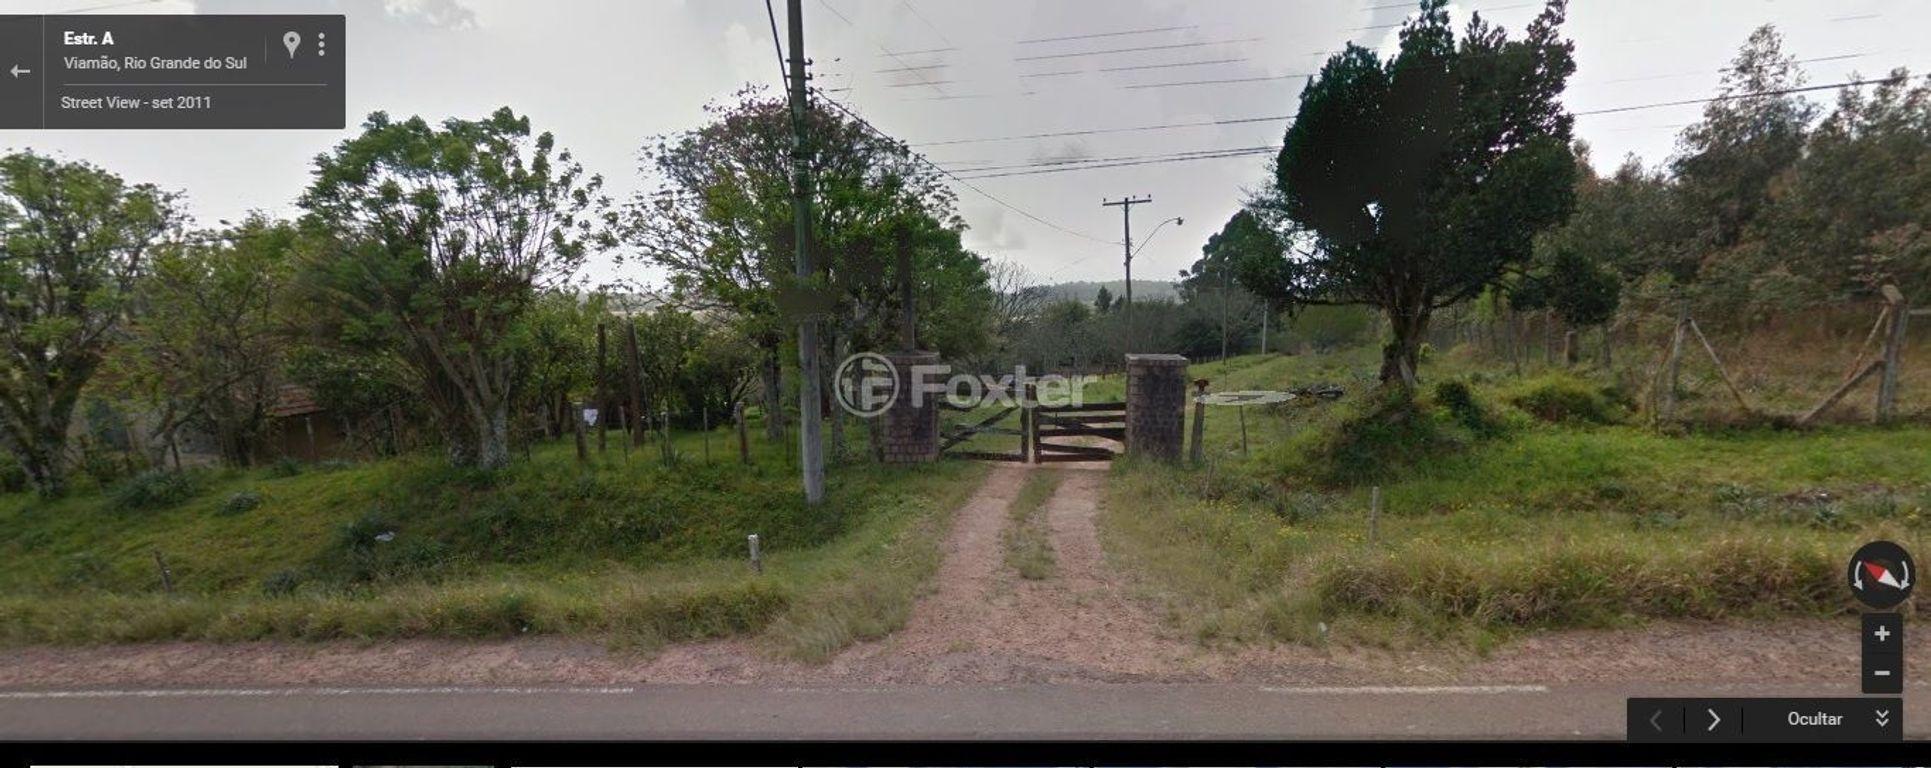 Foxter Imobiliária - Terreno, Vila Elsa, Viamão